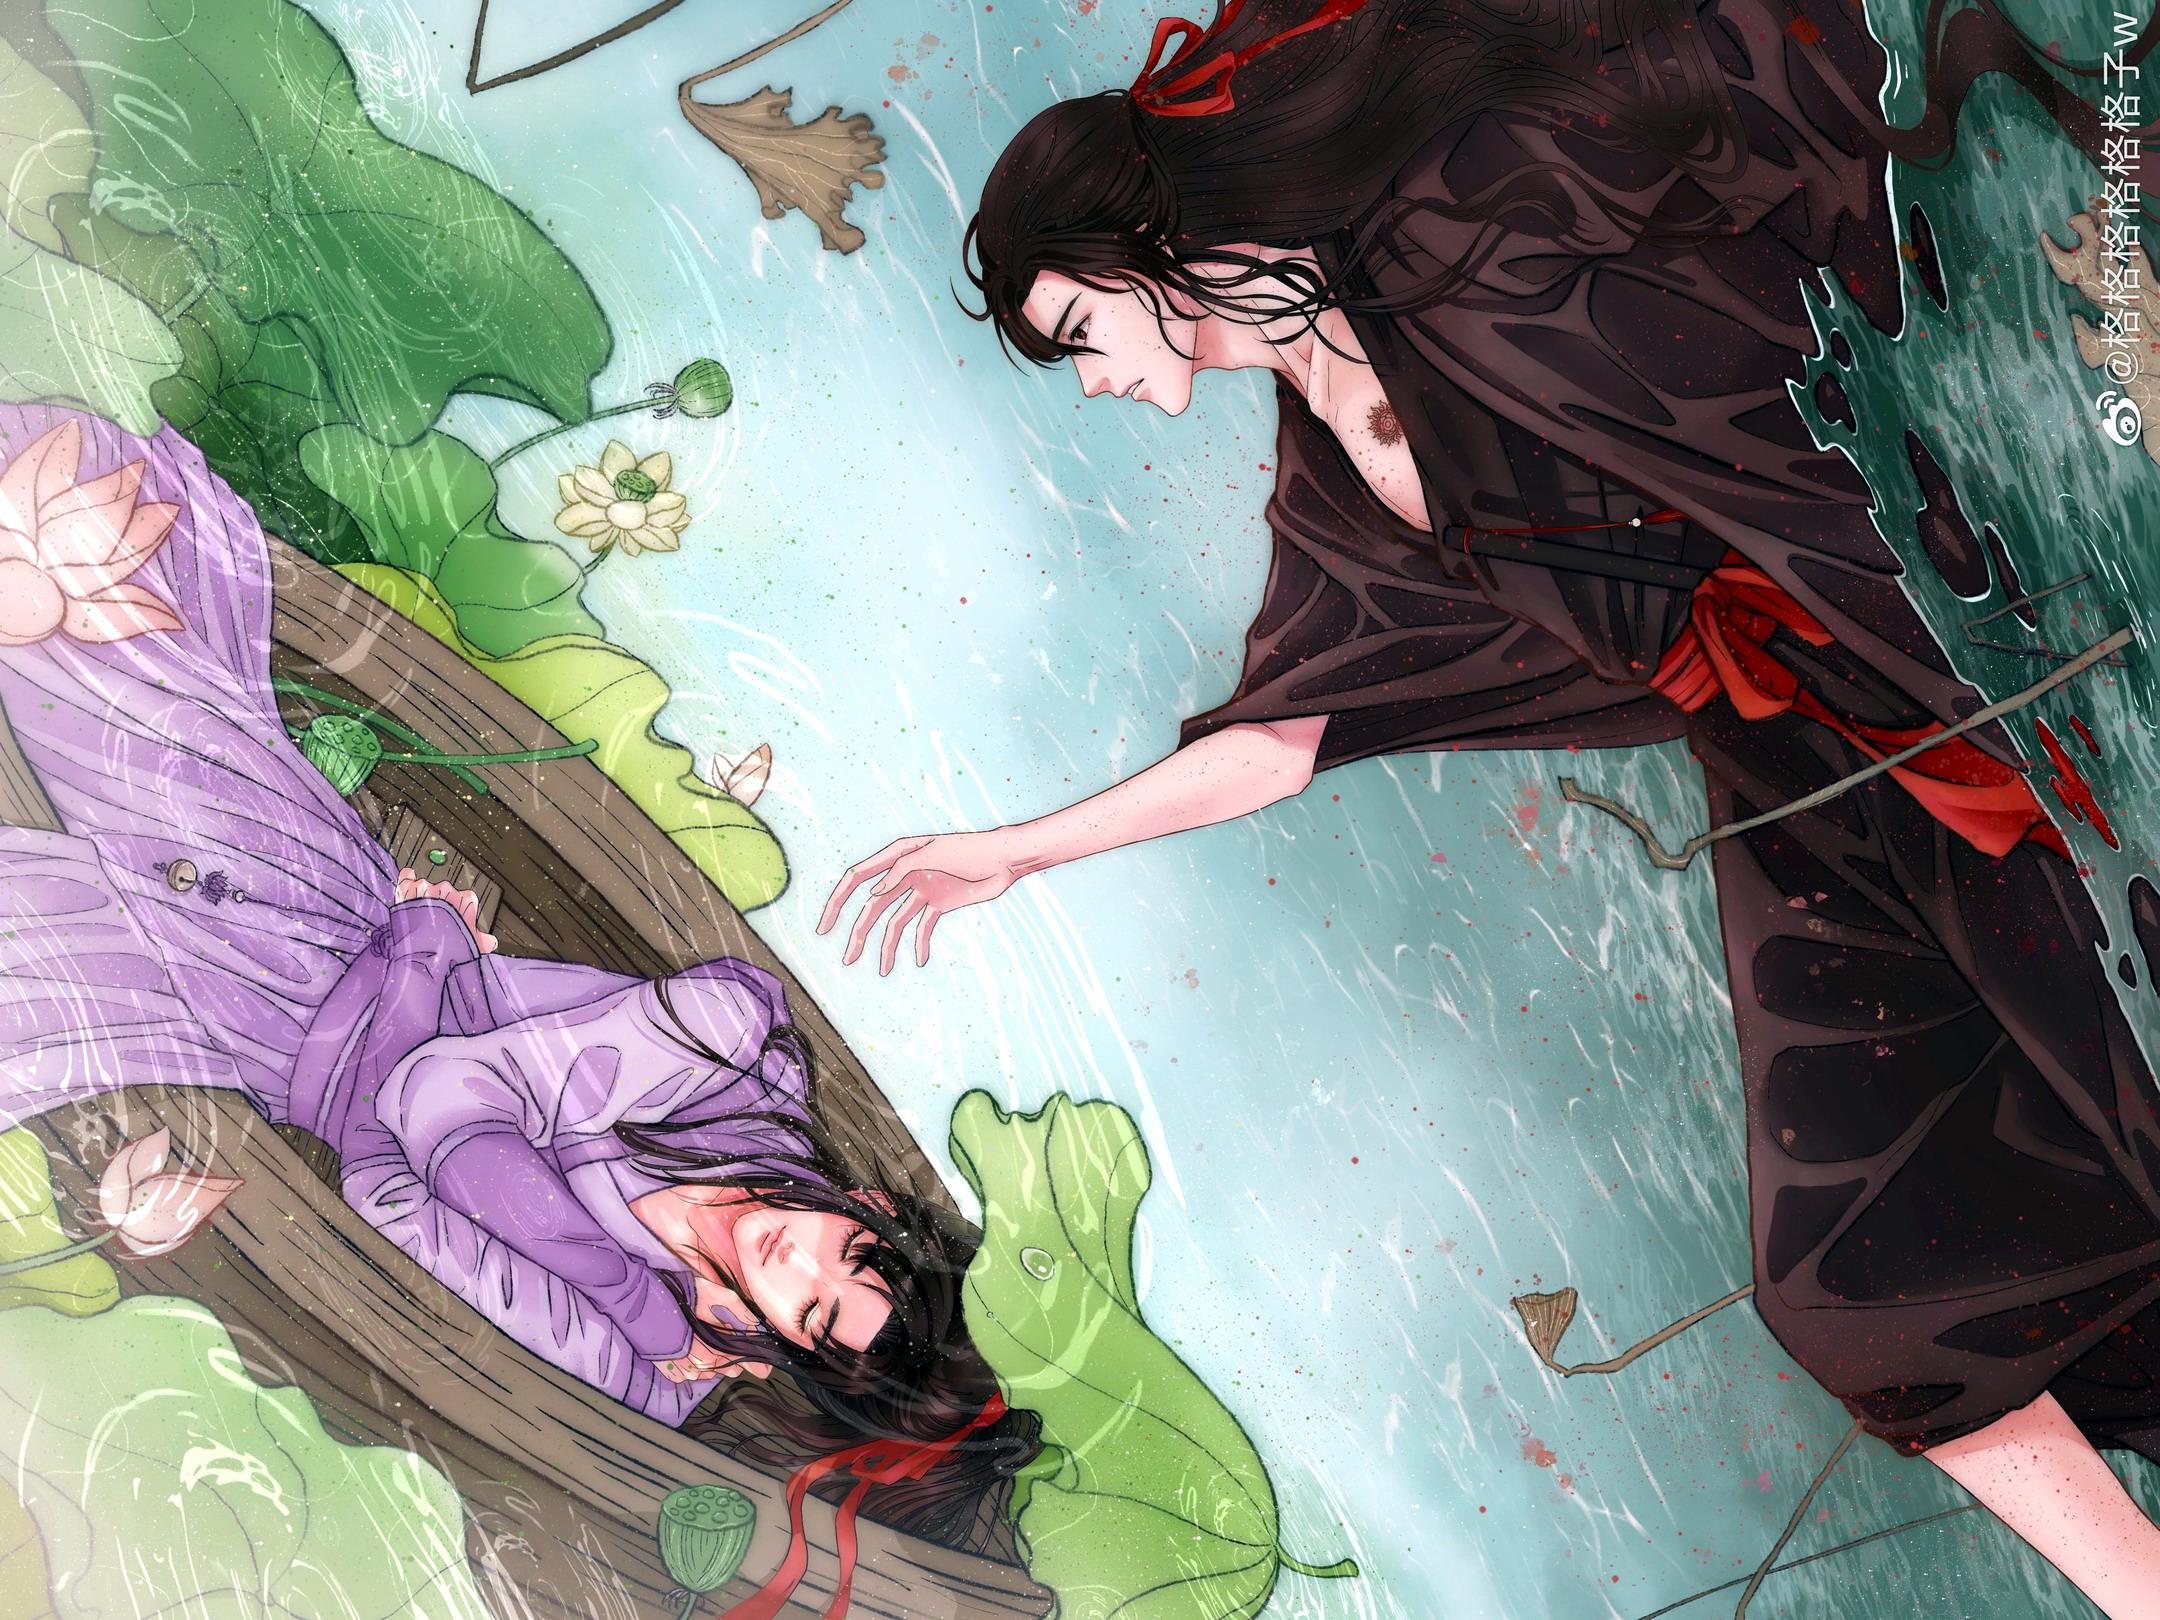 Jiang Cheng Jiang Wanyin Wei Ying Wei Wuxian 2160x1620